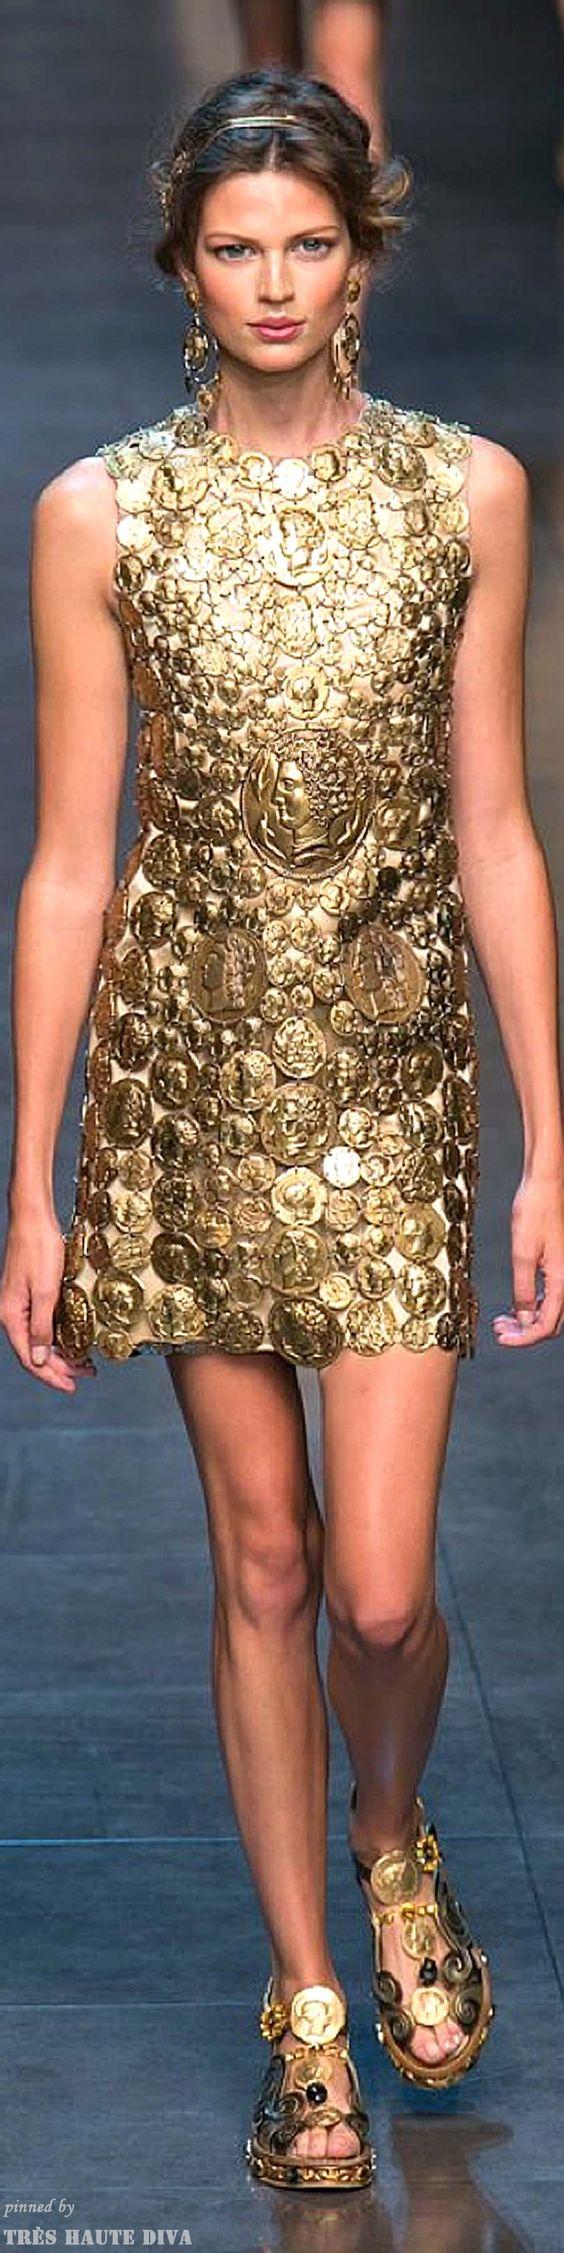 modelos-de-vestidos-dourados-curtos-para-eventos-chiques